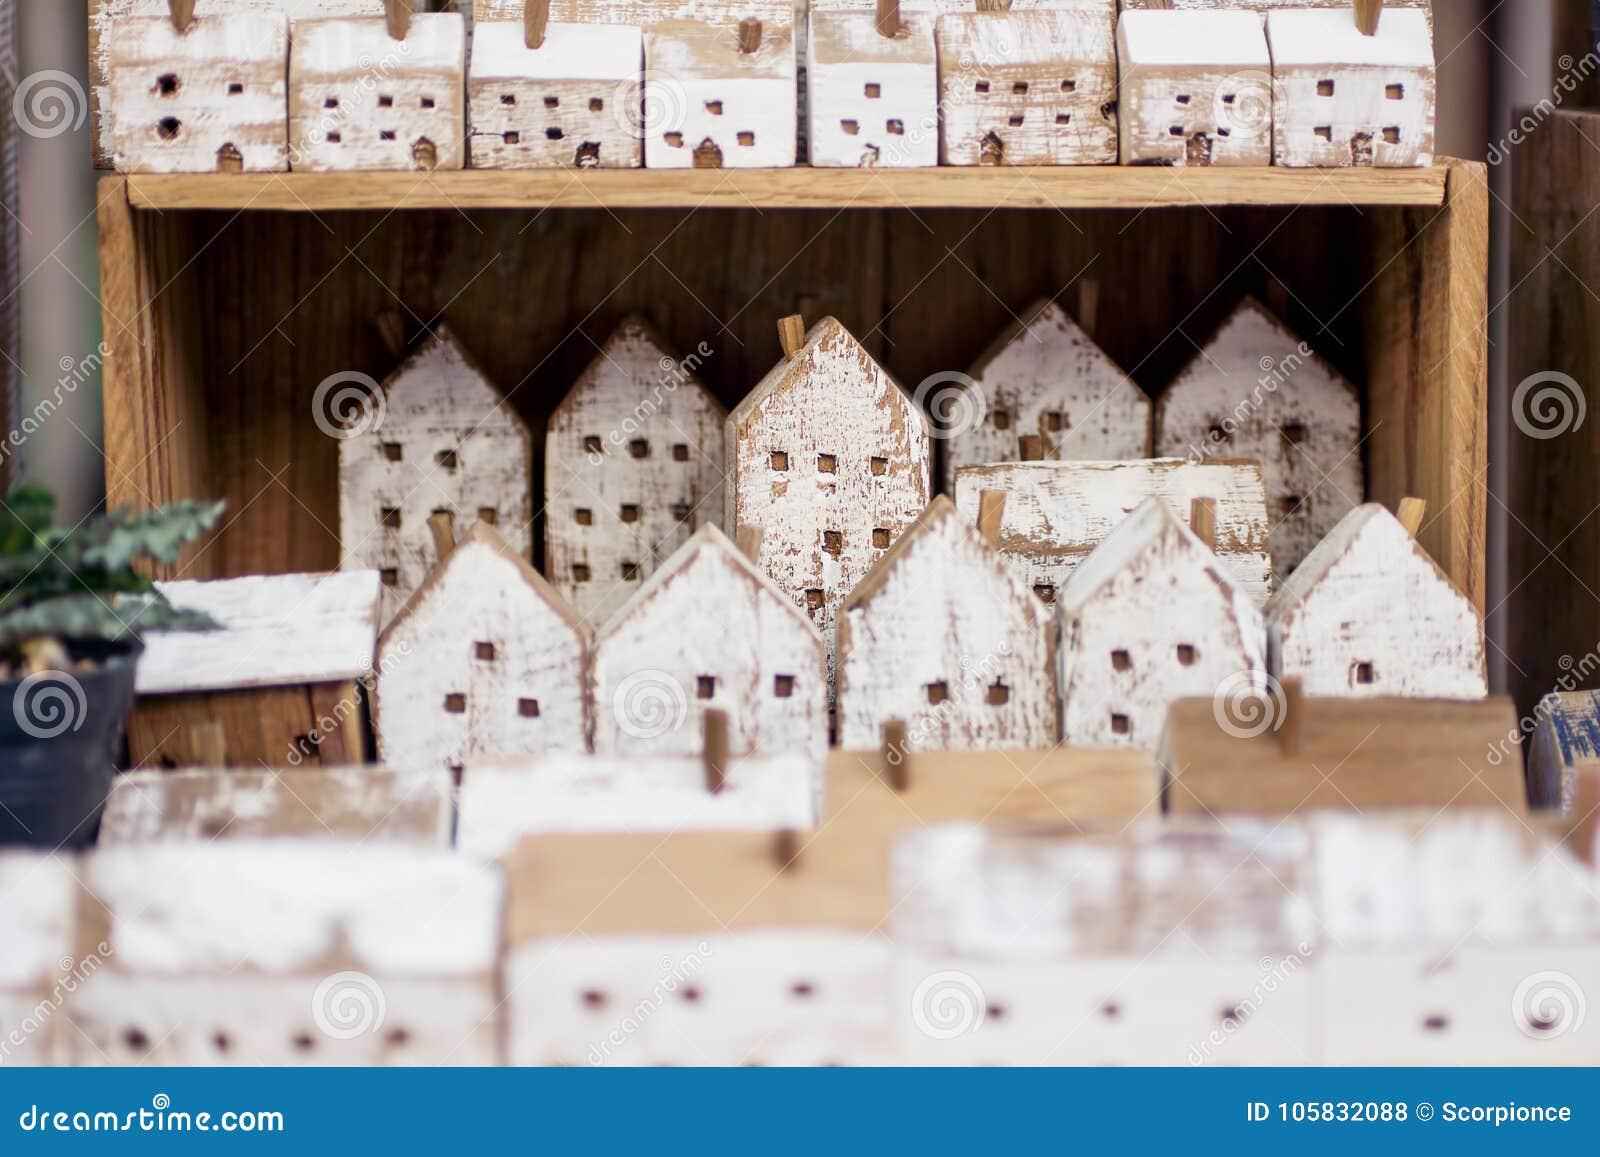 Peque as casas de madera hechas a mano en fila en estante for Decoracion de casas hechas a mano